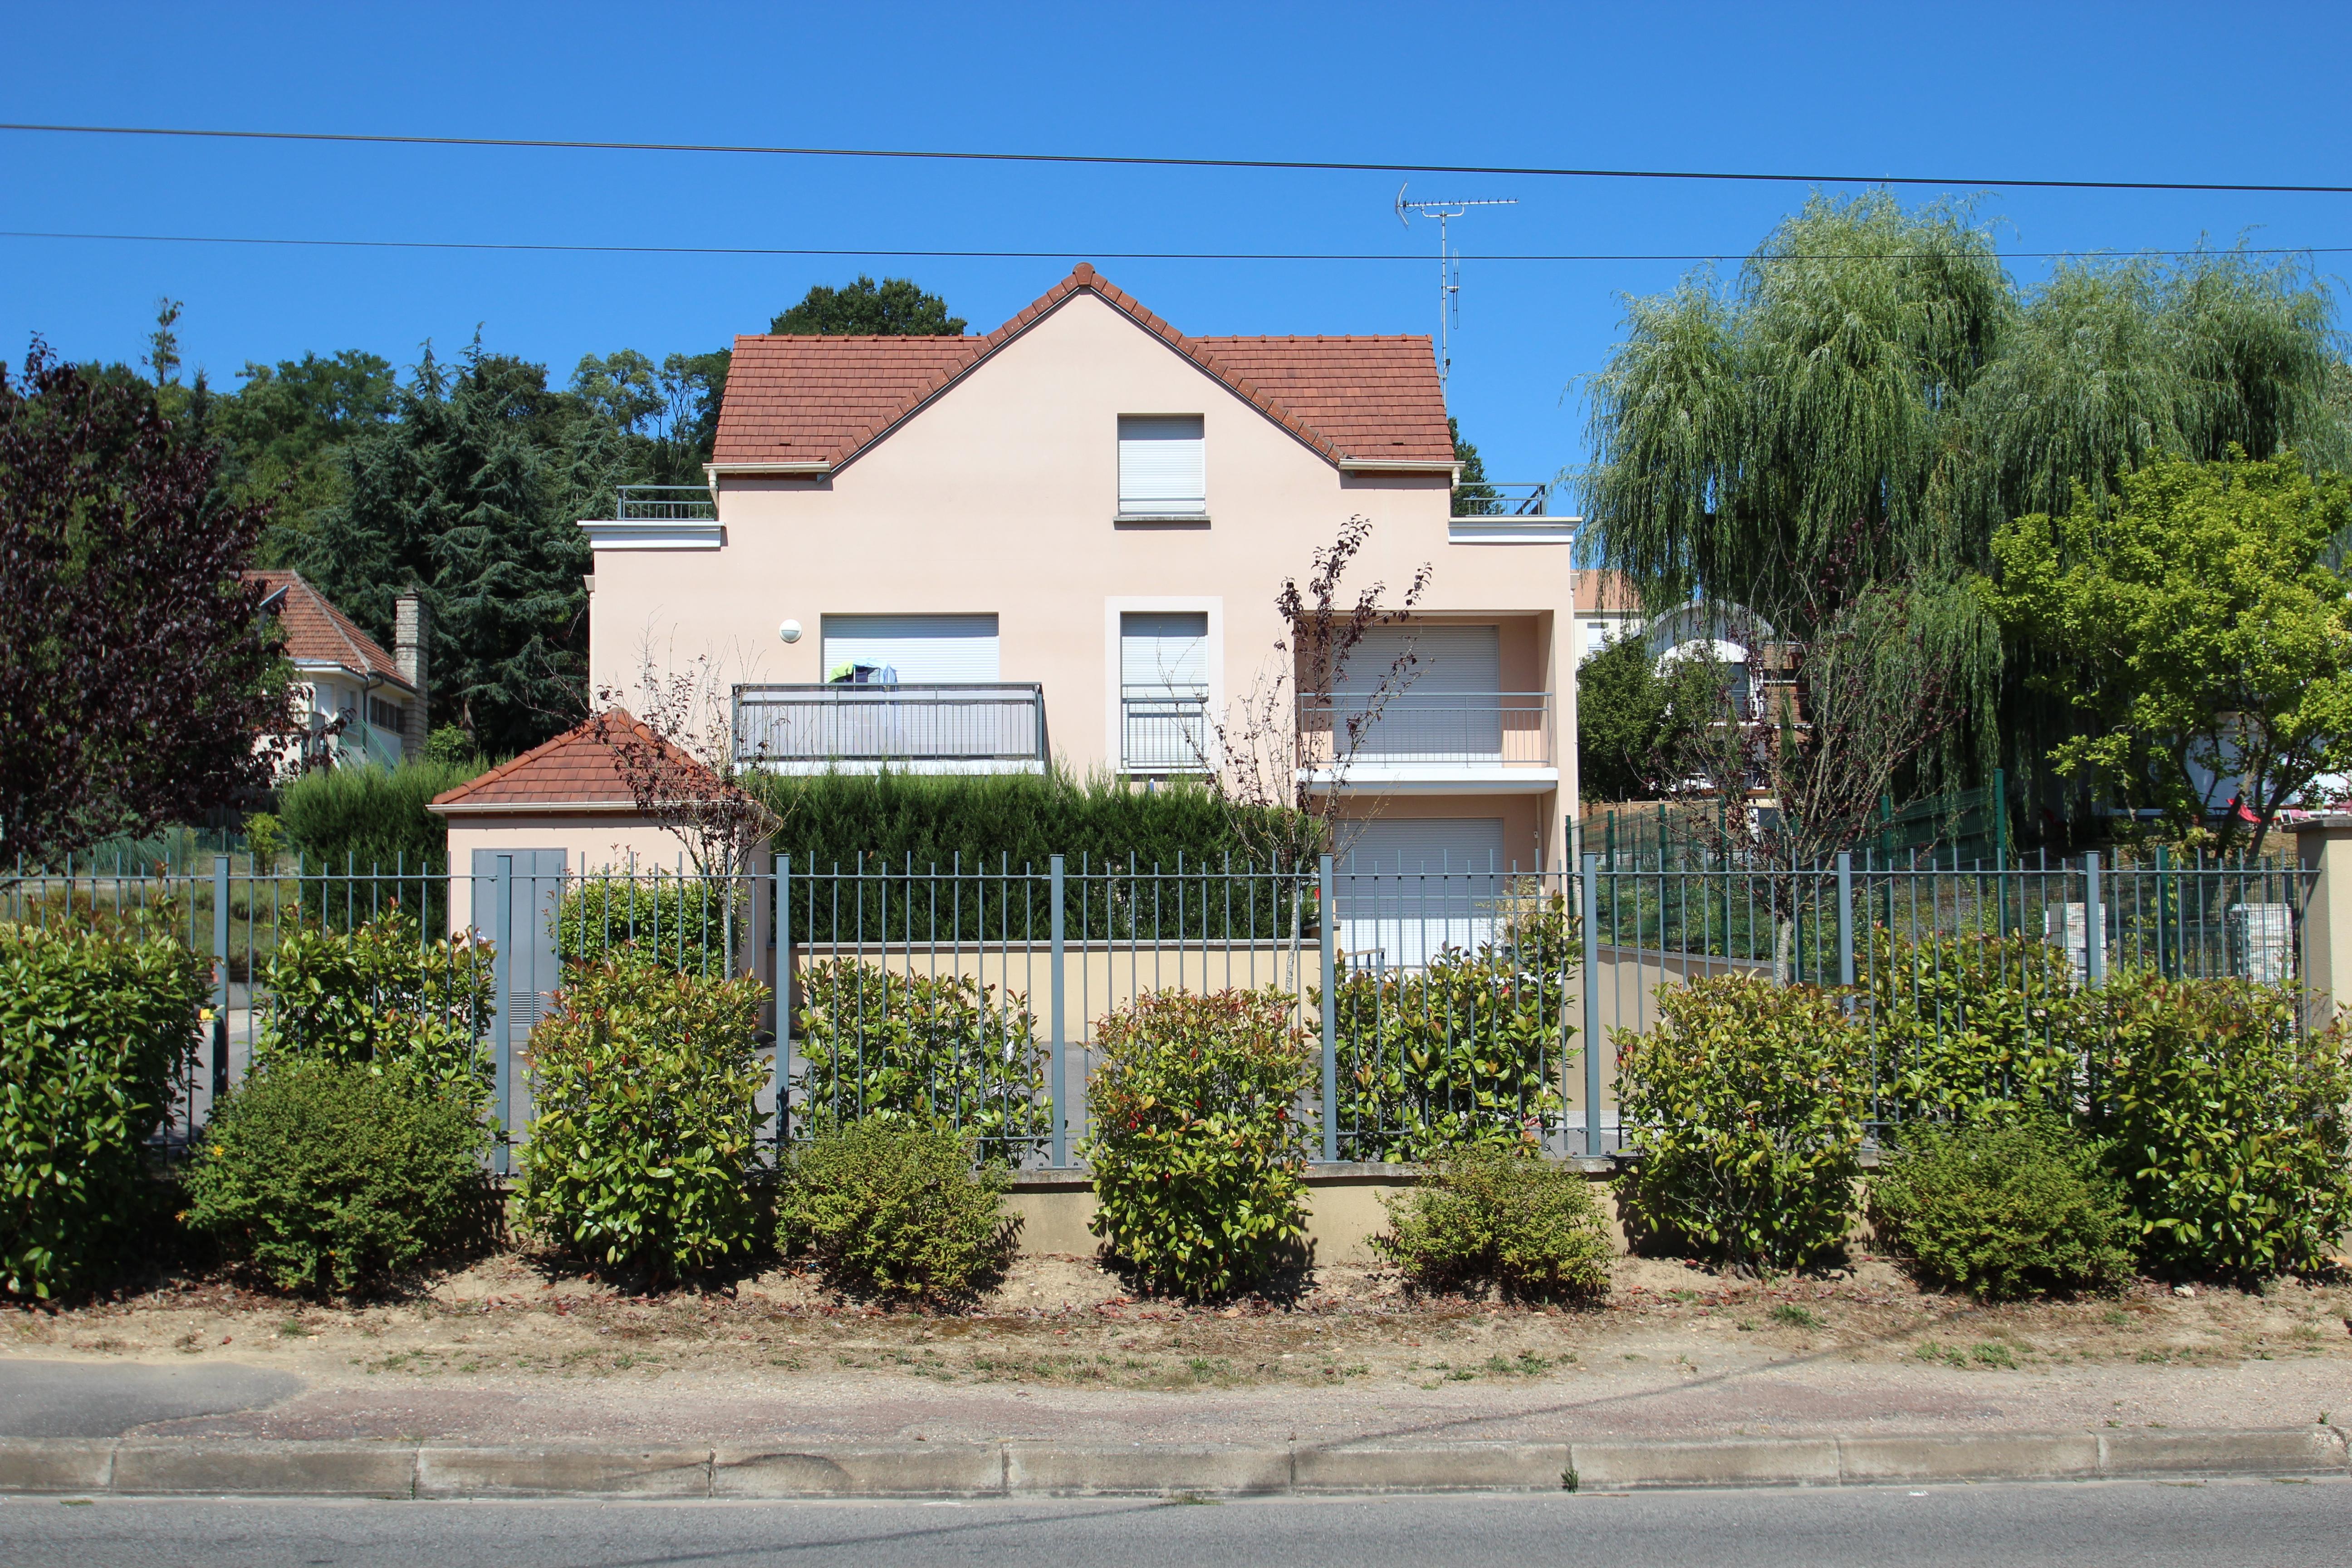 Image De Maison Moderne file:maison moderne sur l'avenue du général leclerc à saint